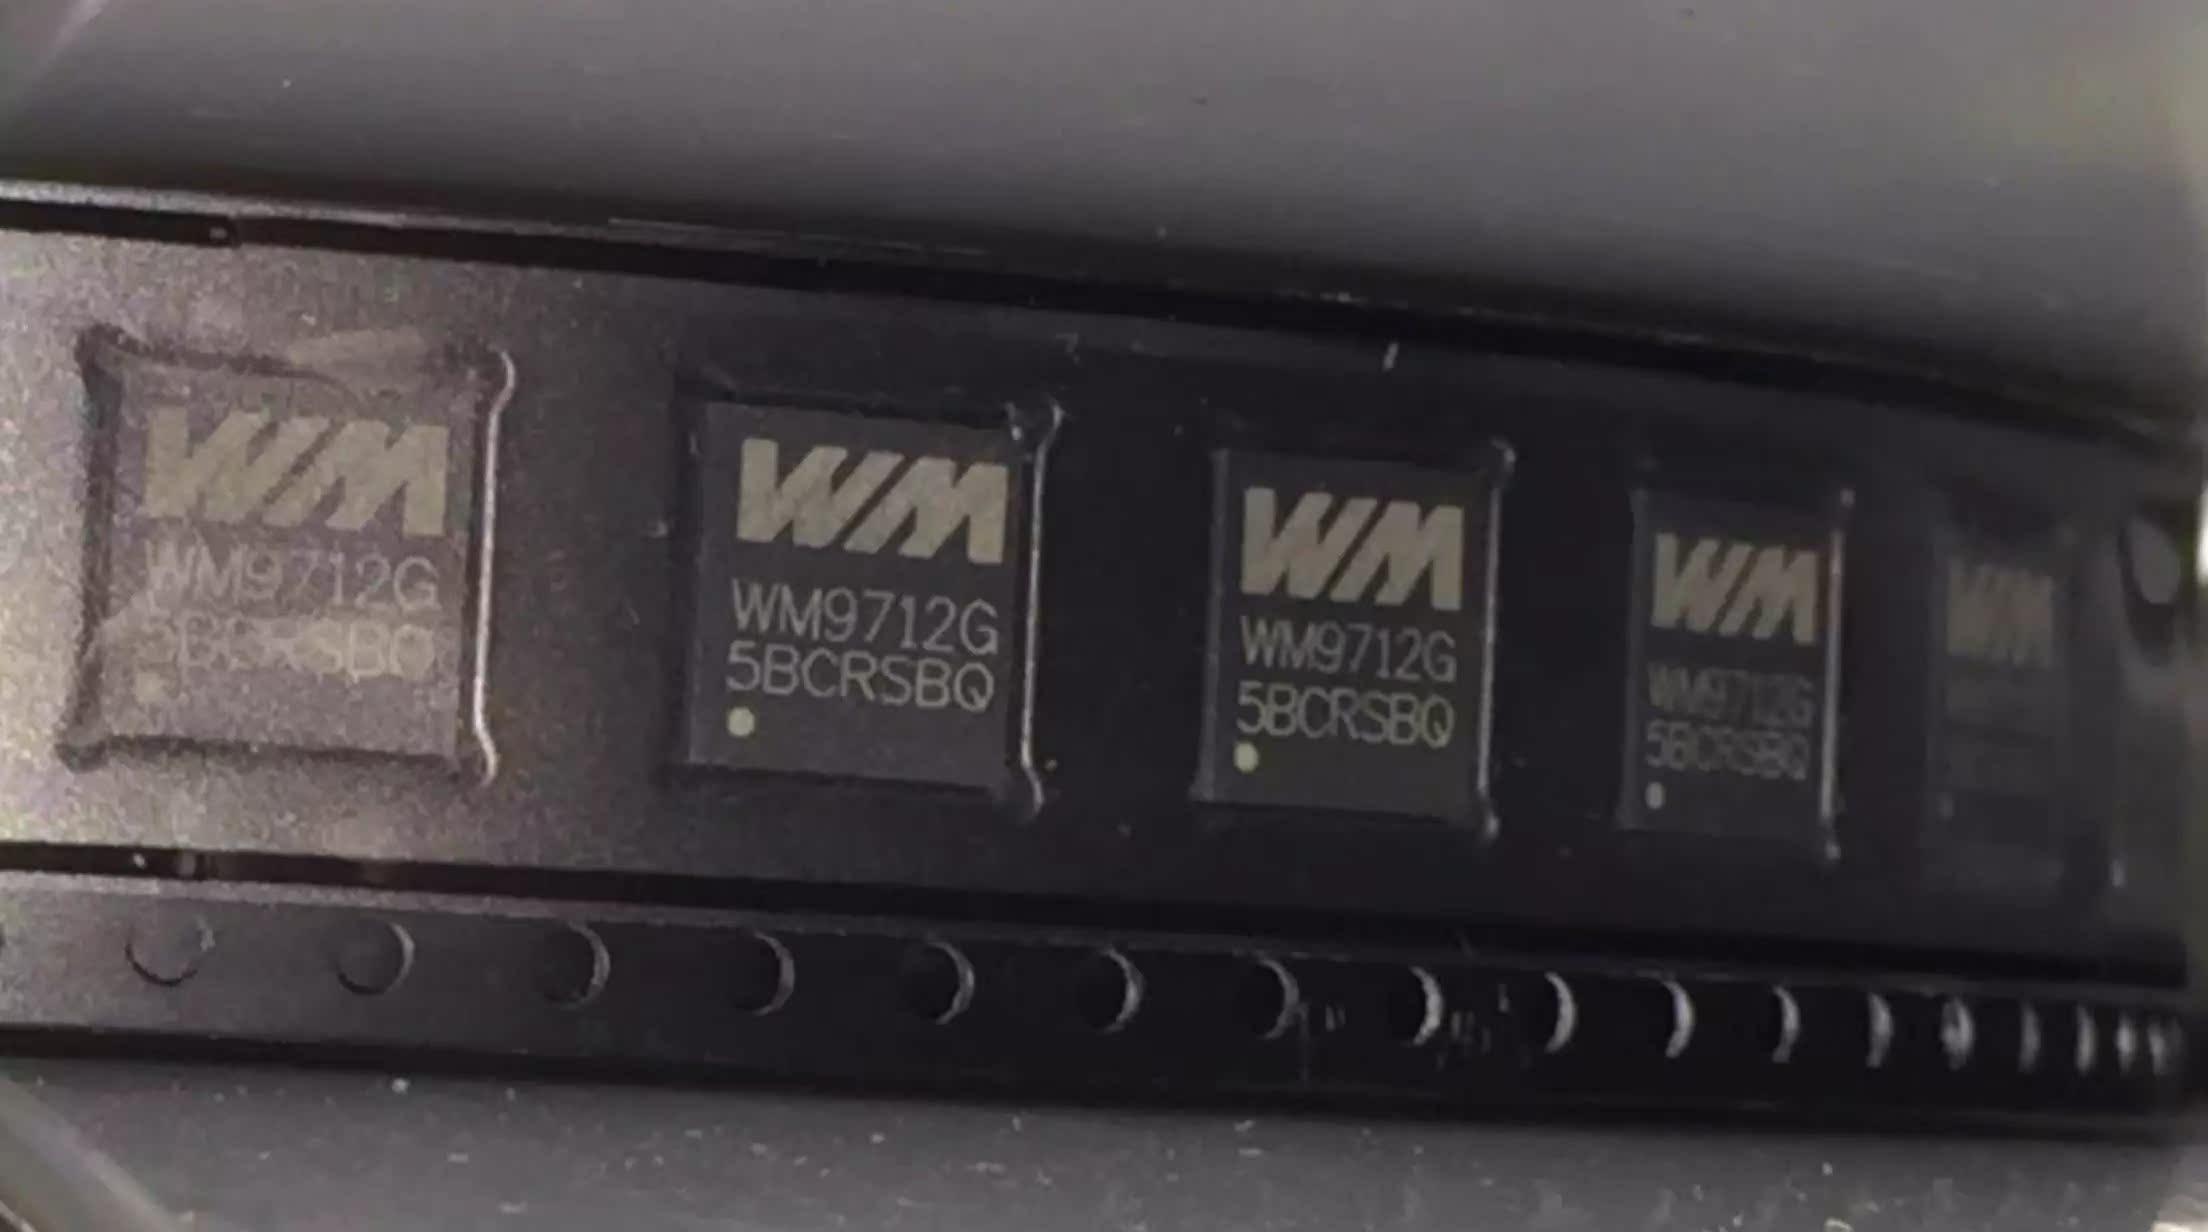 原装正品 WM9712LGEFL 音频编解码器 WM9712G QFN-48 电源IC芯片